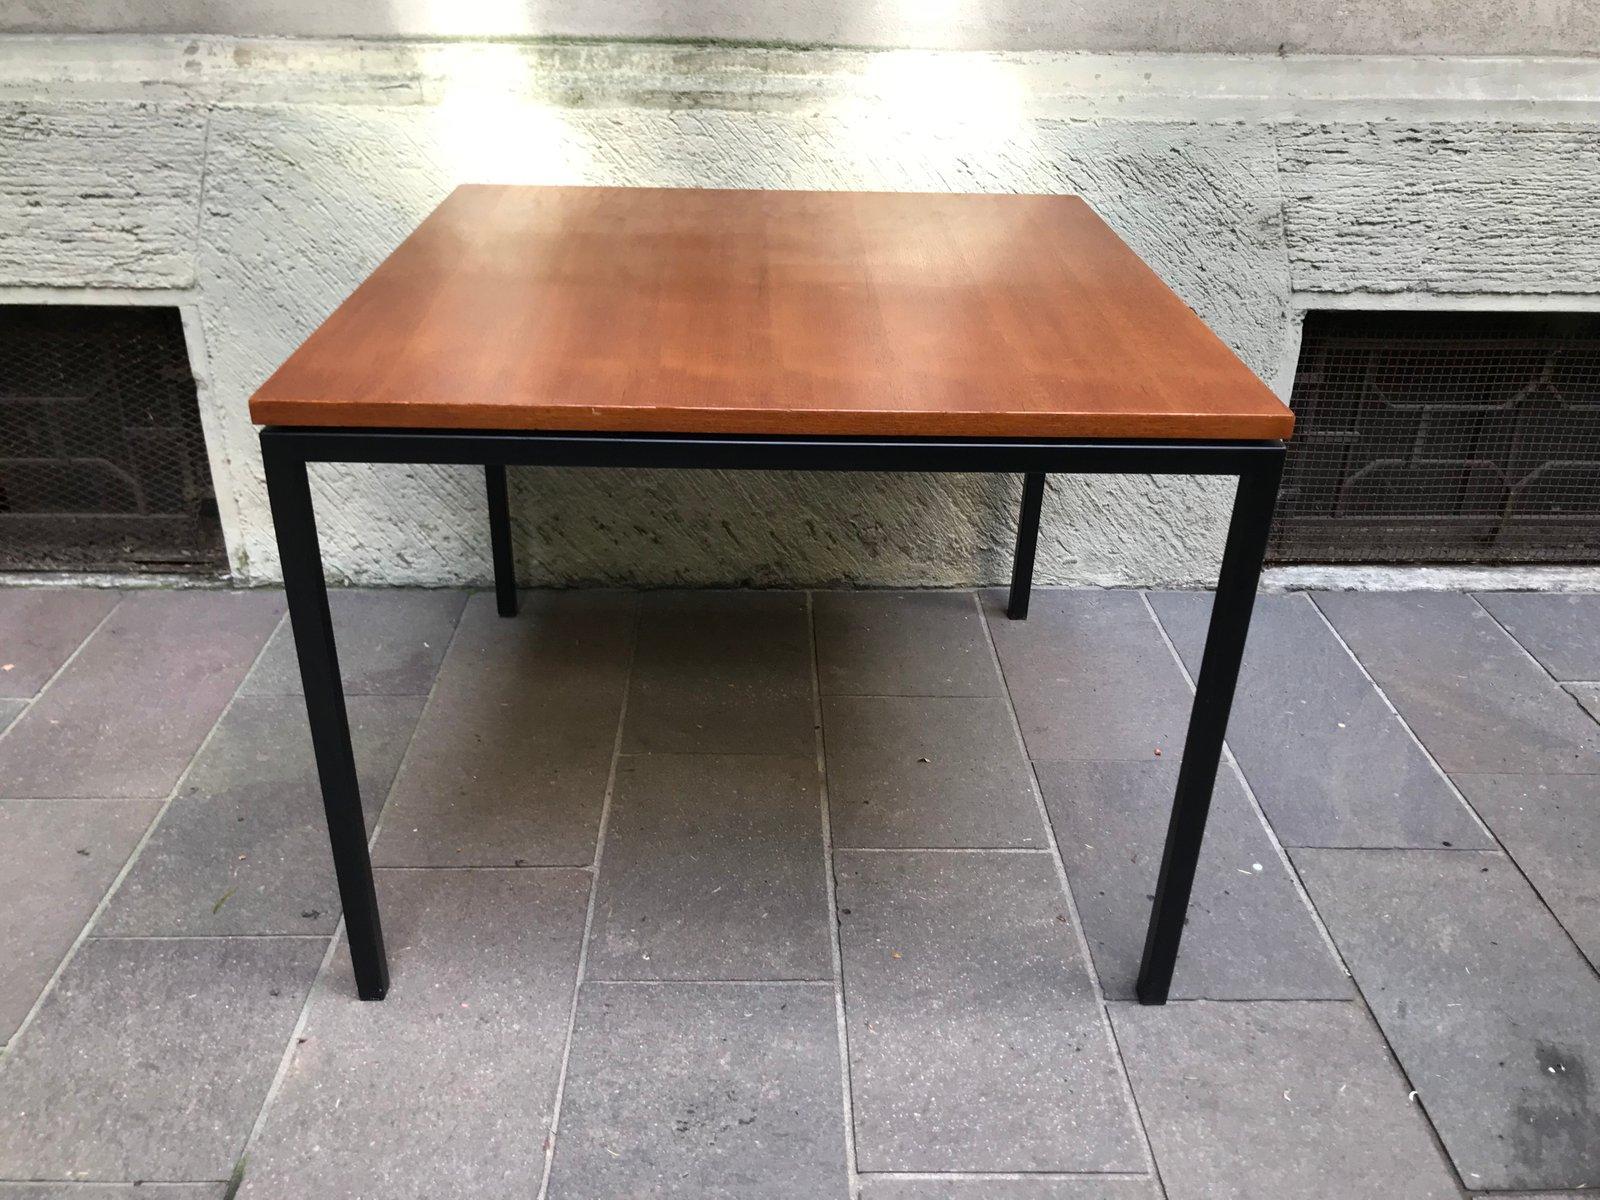 viereckiger teak tisch mit metallbeinen von paolo tiche f r arform 1950er bei pamono kaufen. Black Bedroom Furniture Sets. Home Design Ideas